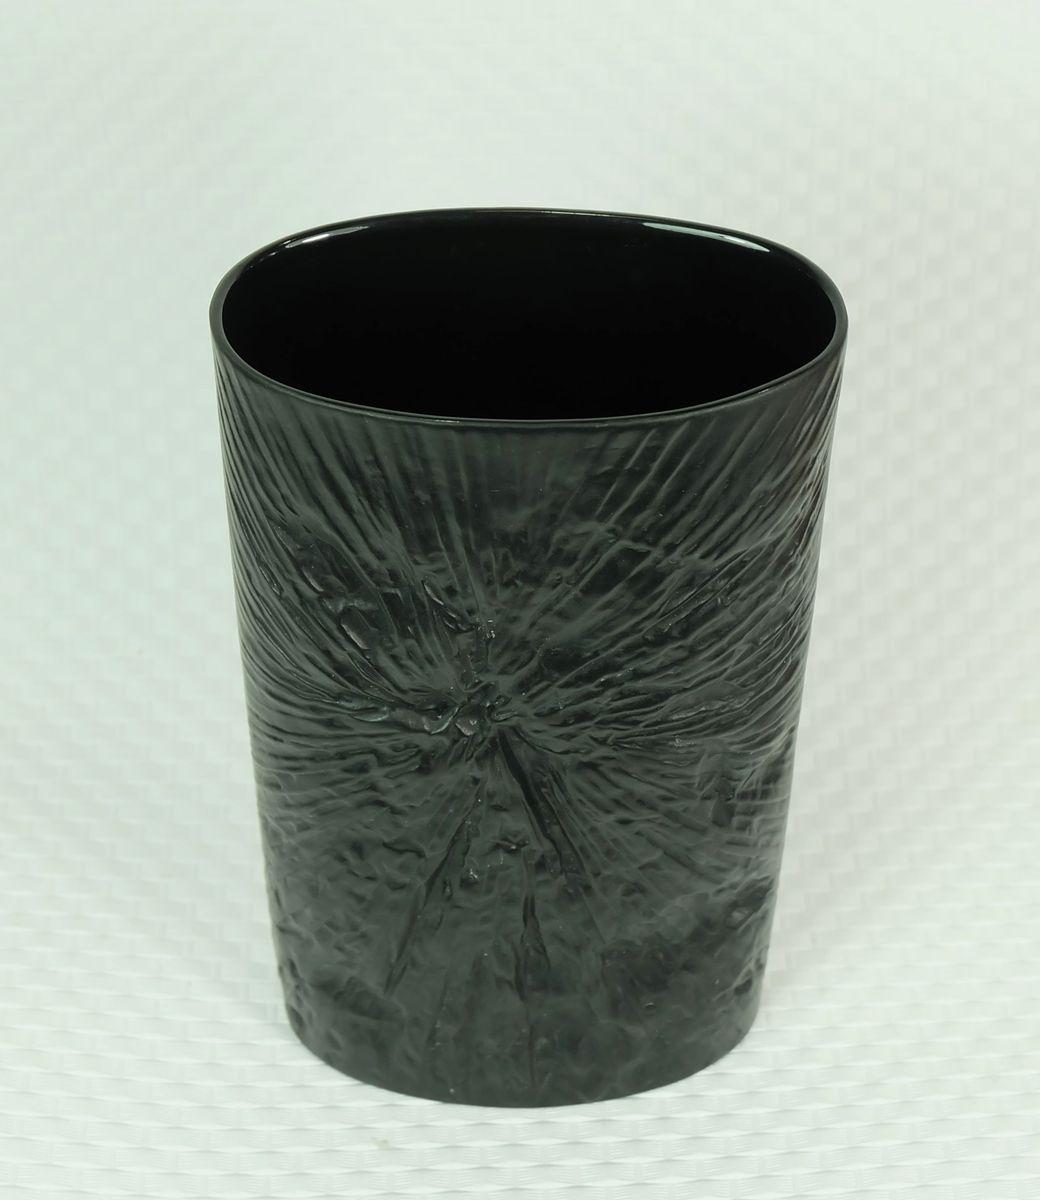 schwarze vase von martin freyer f r rosenthal 1970er bei pamono kaufen. Black Bedroom Furniture Sets. Home Design Ideas